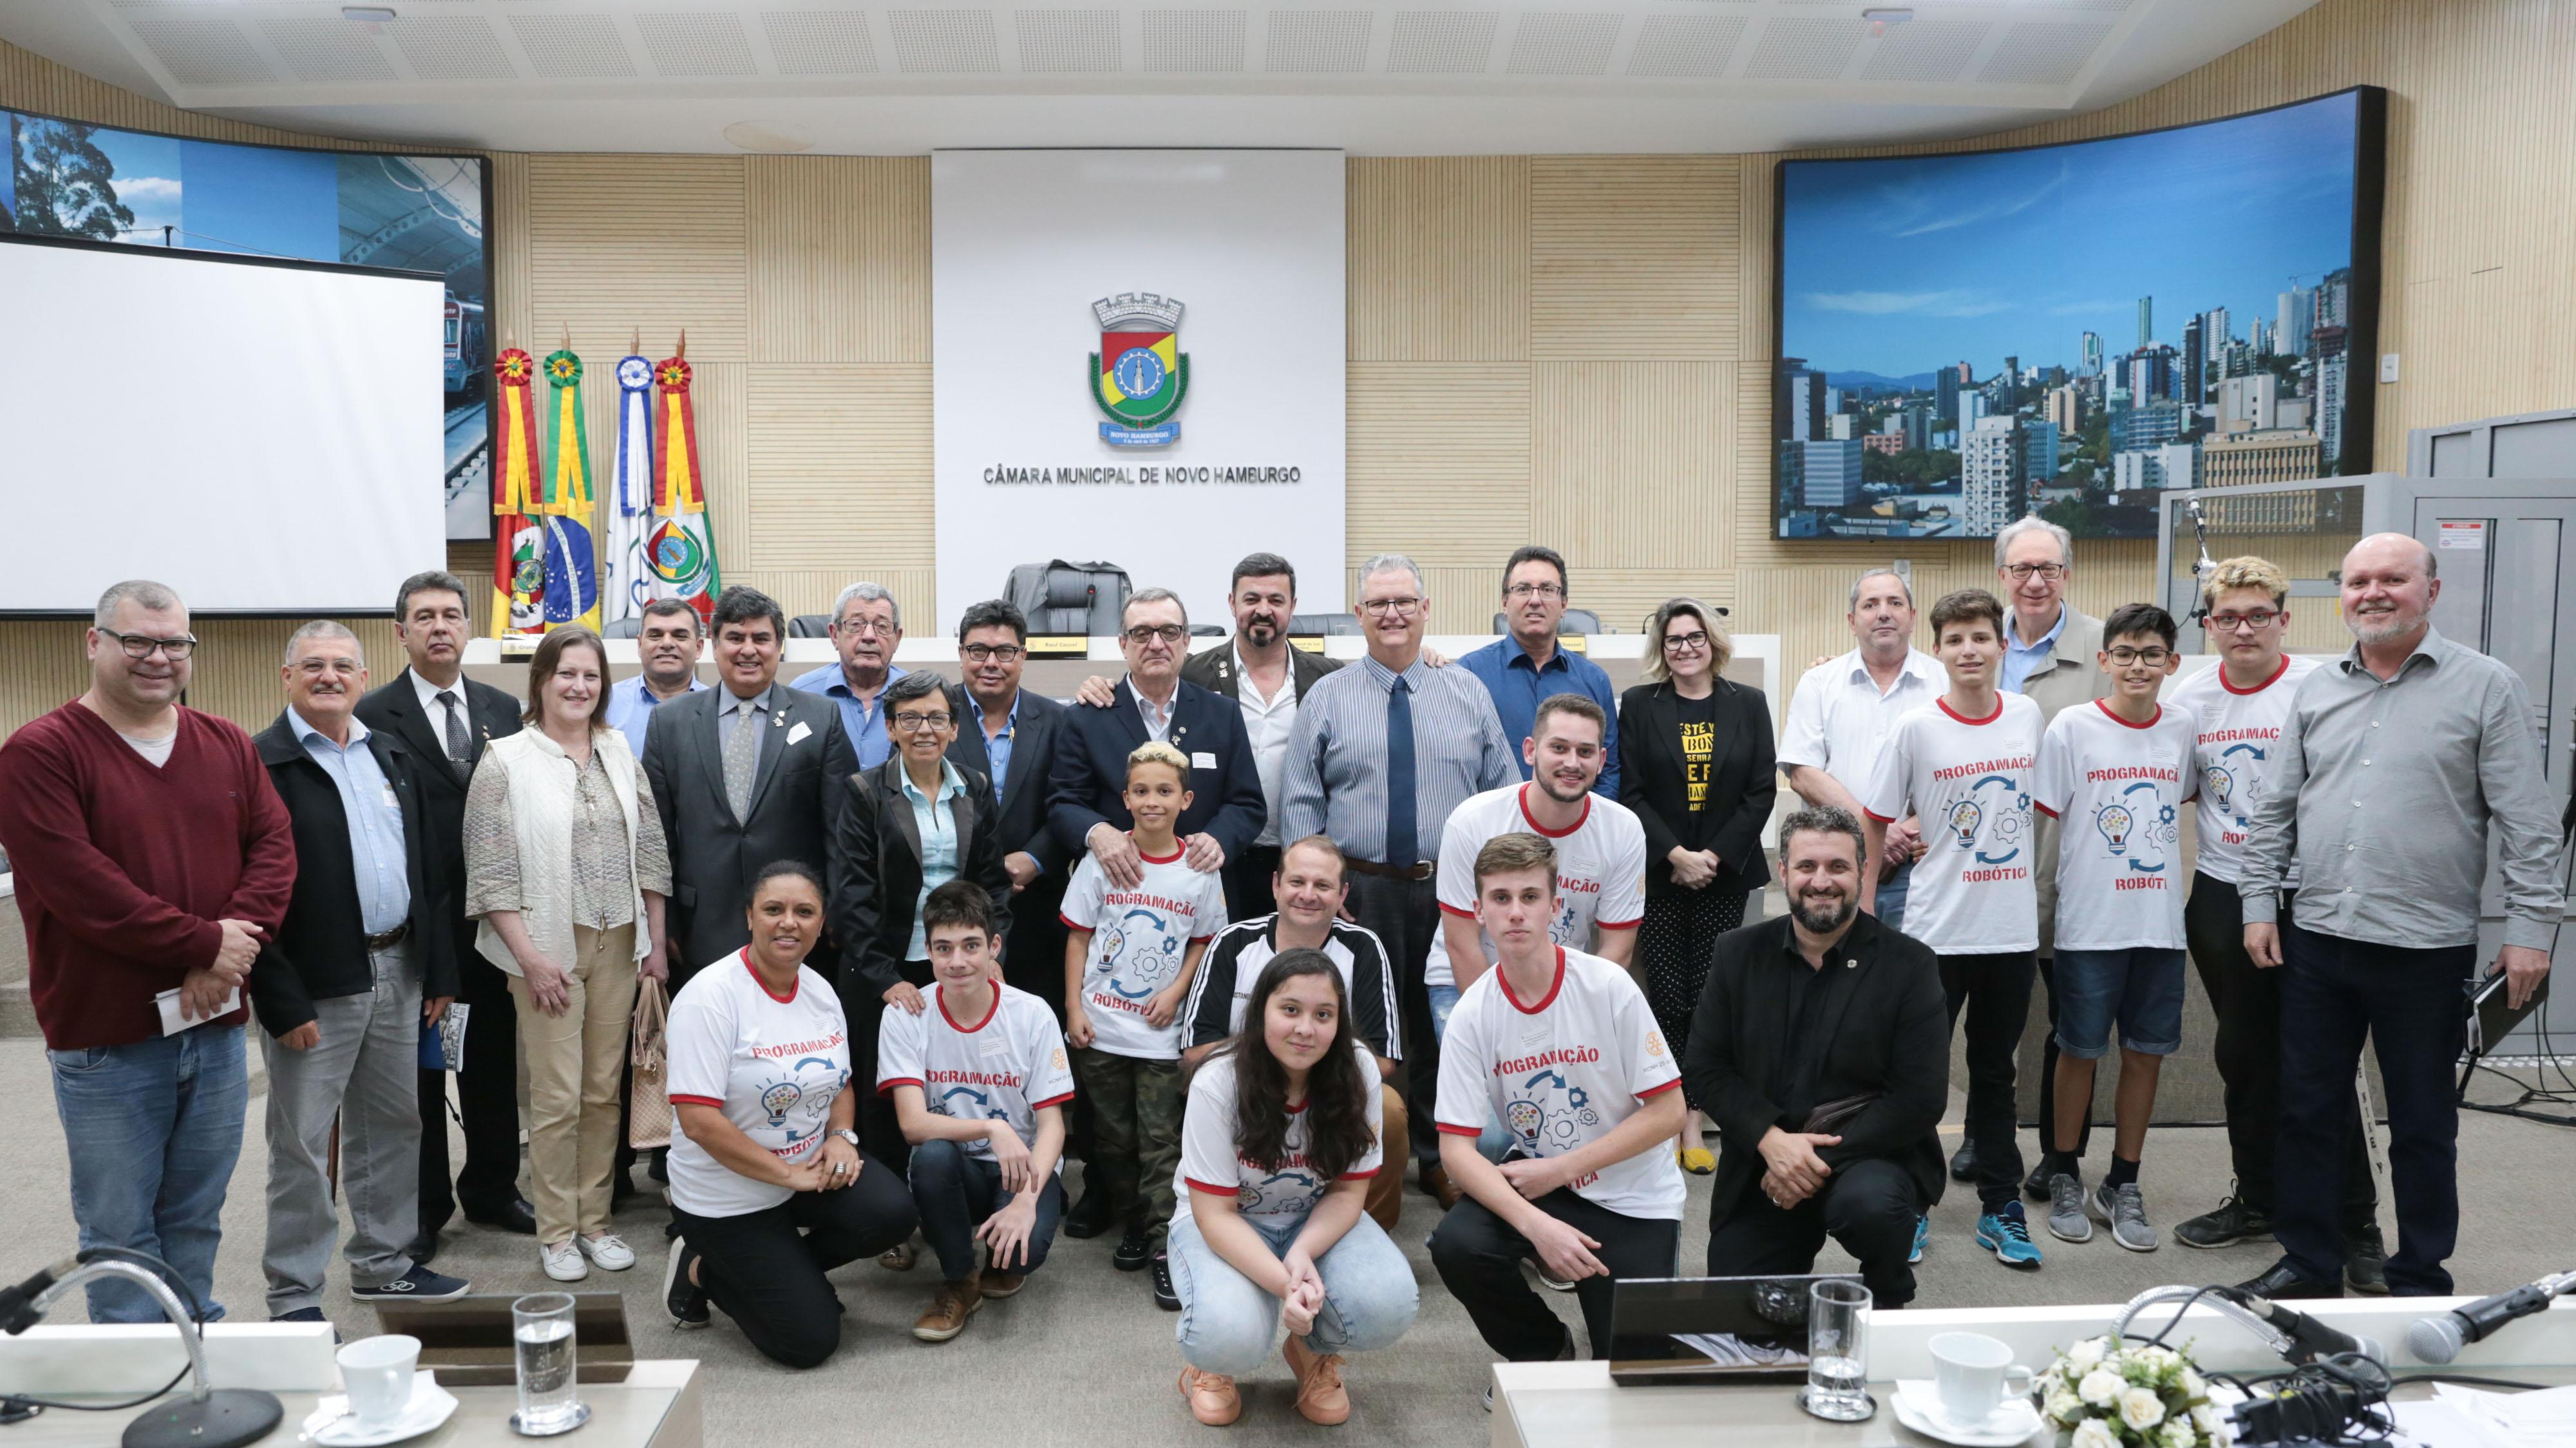 Projeto do Rotary 25 de Julho aproxima escolas municipais da robótica